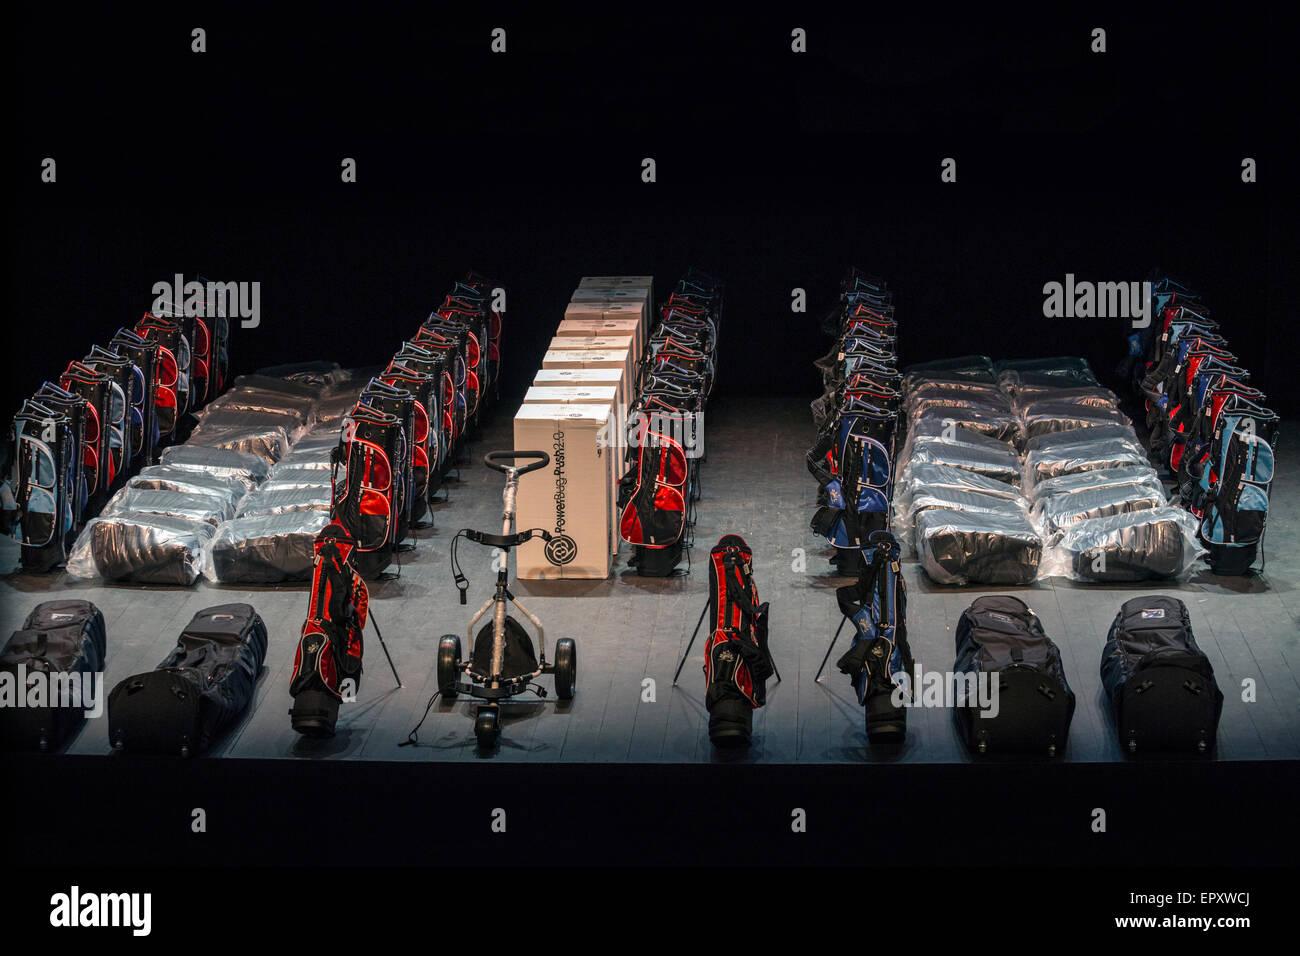 Golf equipments put into storage (France). Stock de matériel de golf dans un entrepôt (France). - Stock Image